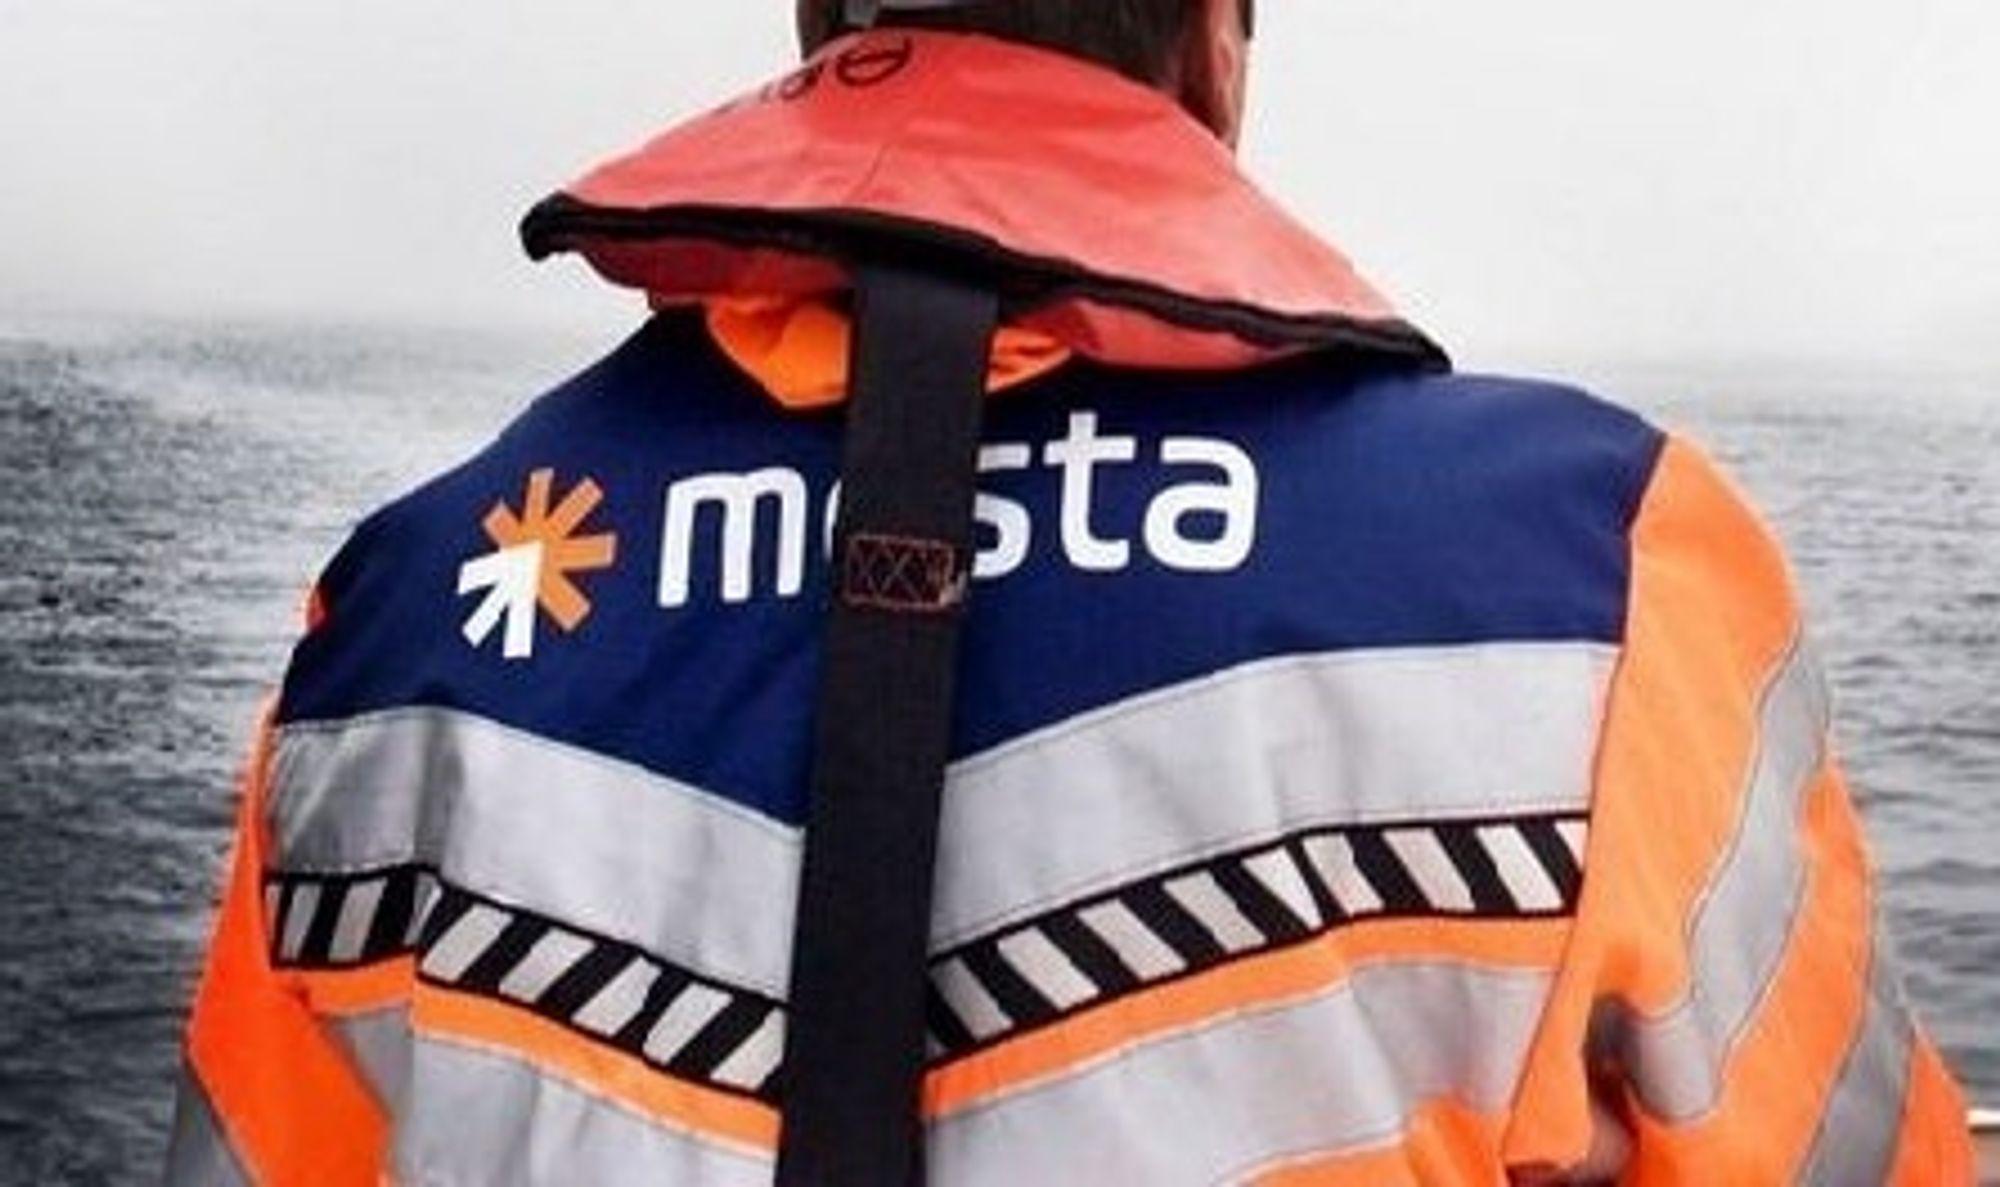 Tidligere Mesta-direktør dømt for grov illojalitet